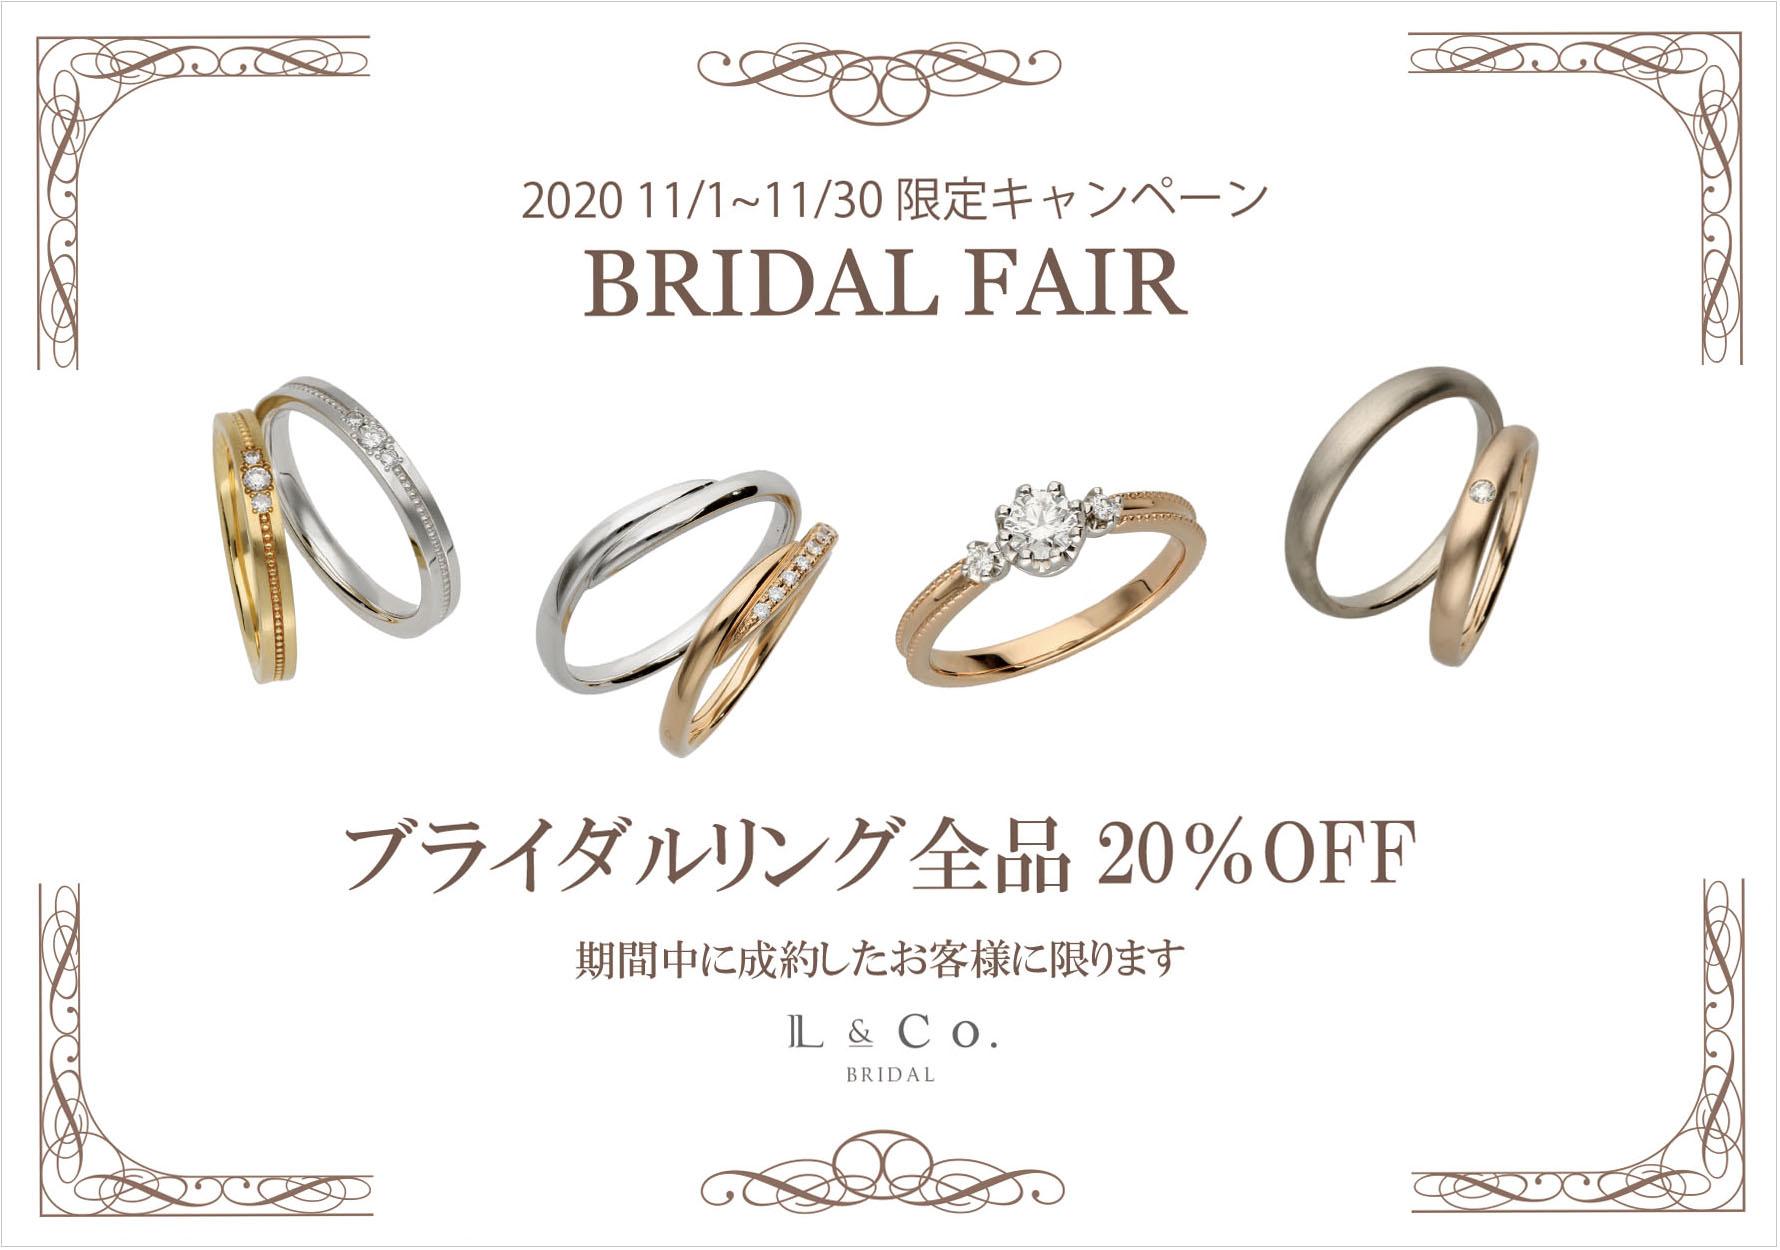 BRIDAL FAIR 甲府本店限定!ブライダルリング全品20%OFF!